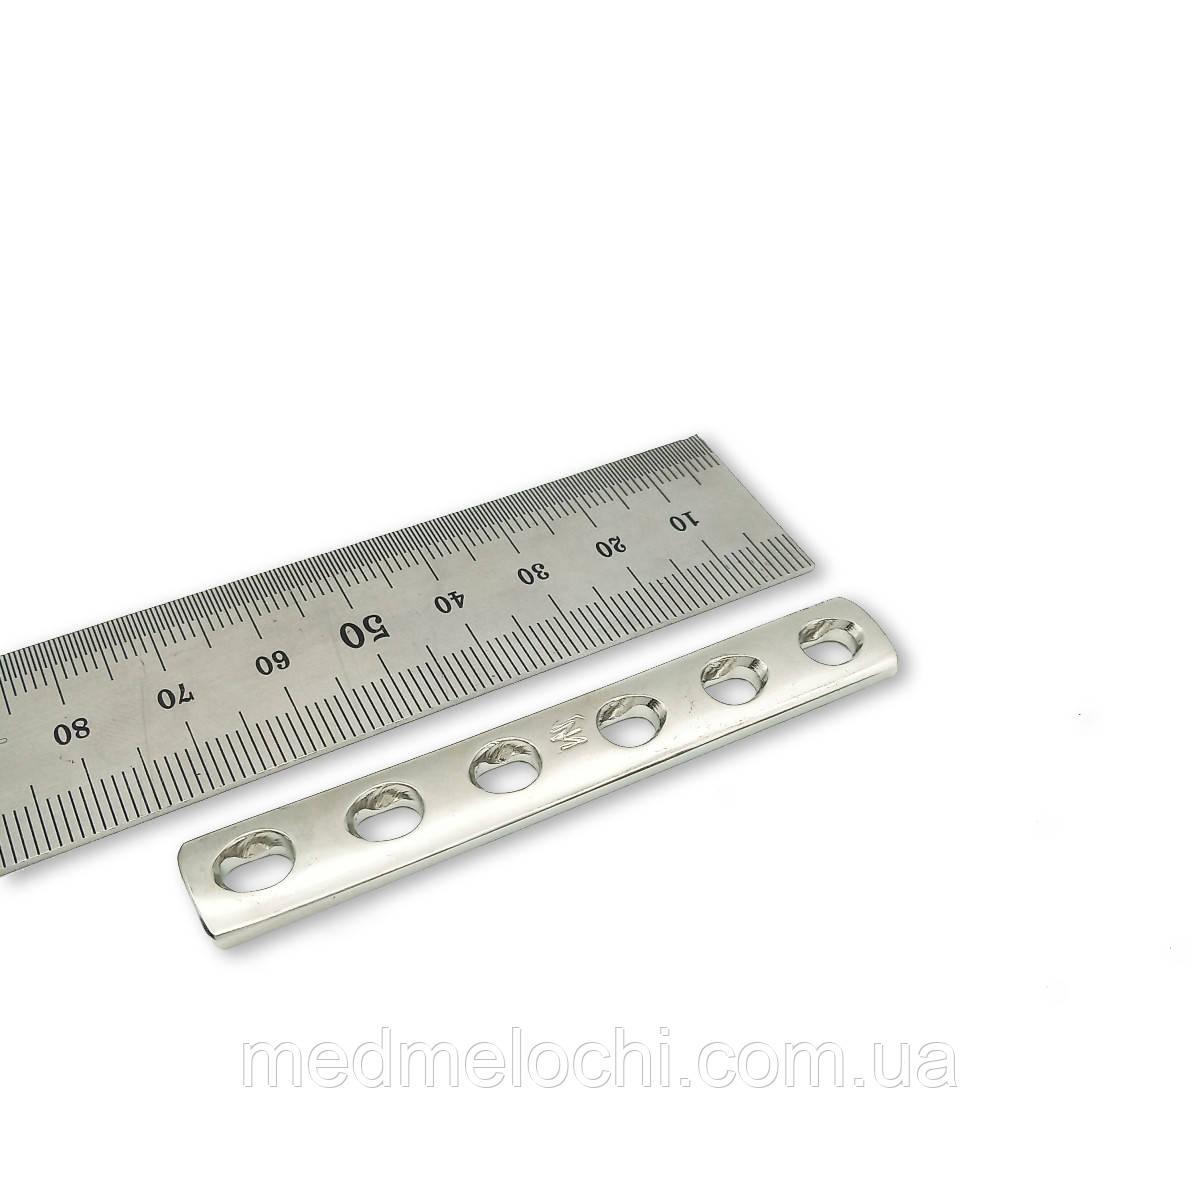 Пластина однорядка L = 74мм, D = 3,5 мм, 6 отв,